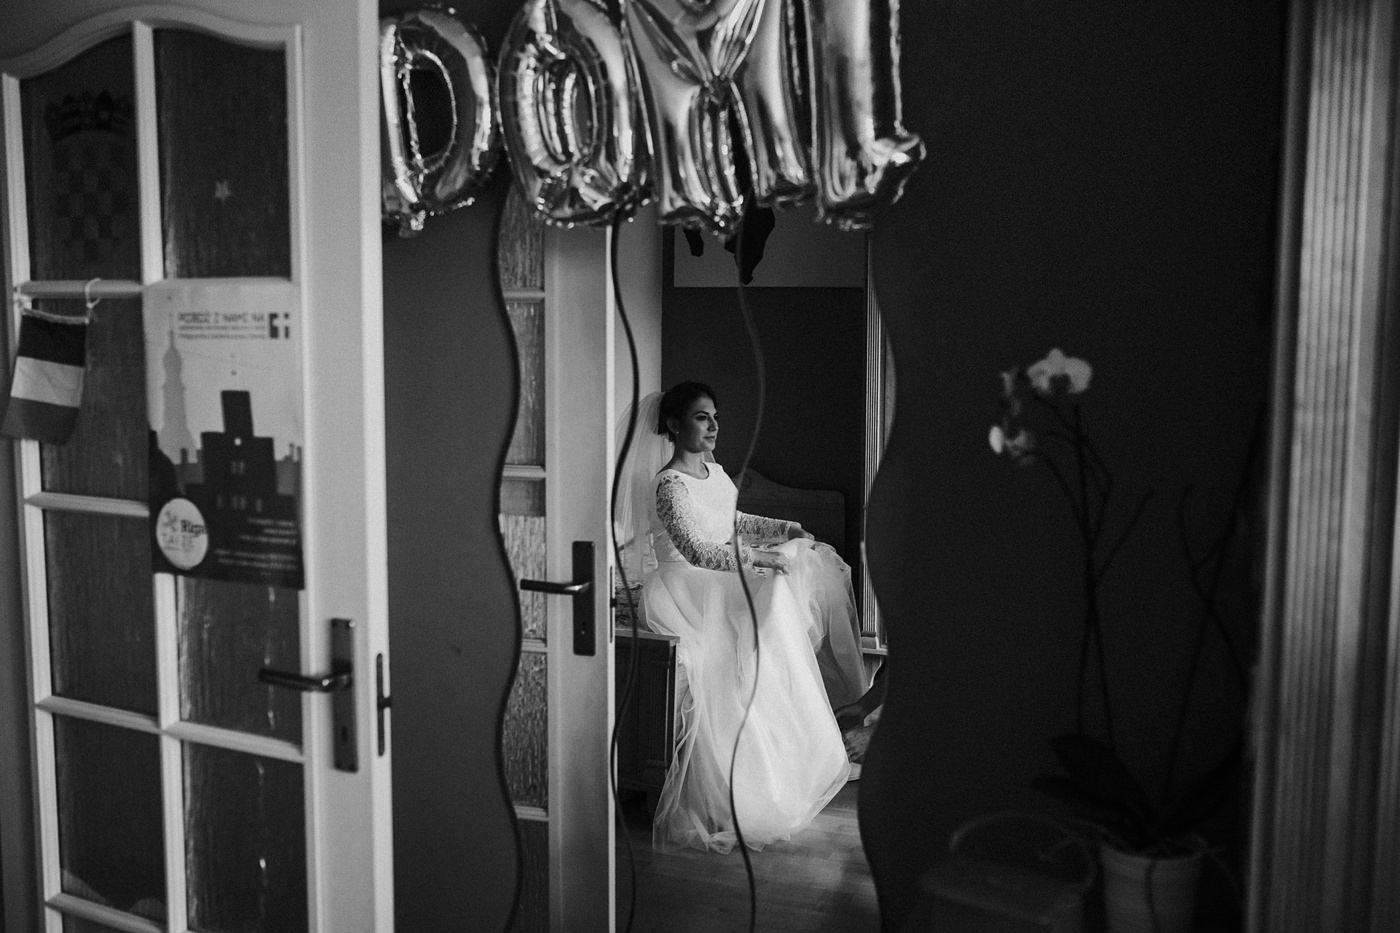 Dominika & Aleksander - Rustykalne wesele w stodole - Baborówko 9